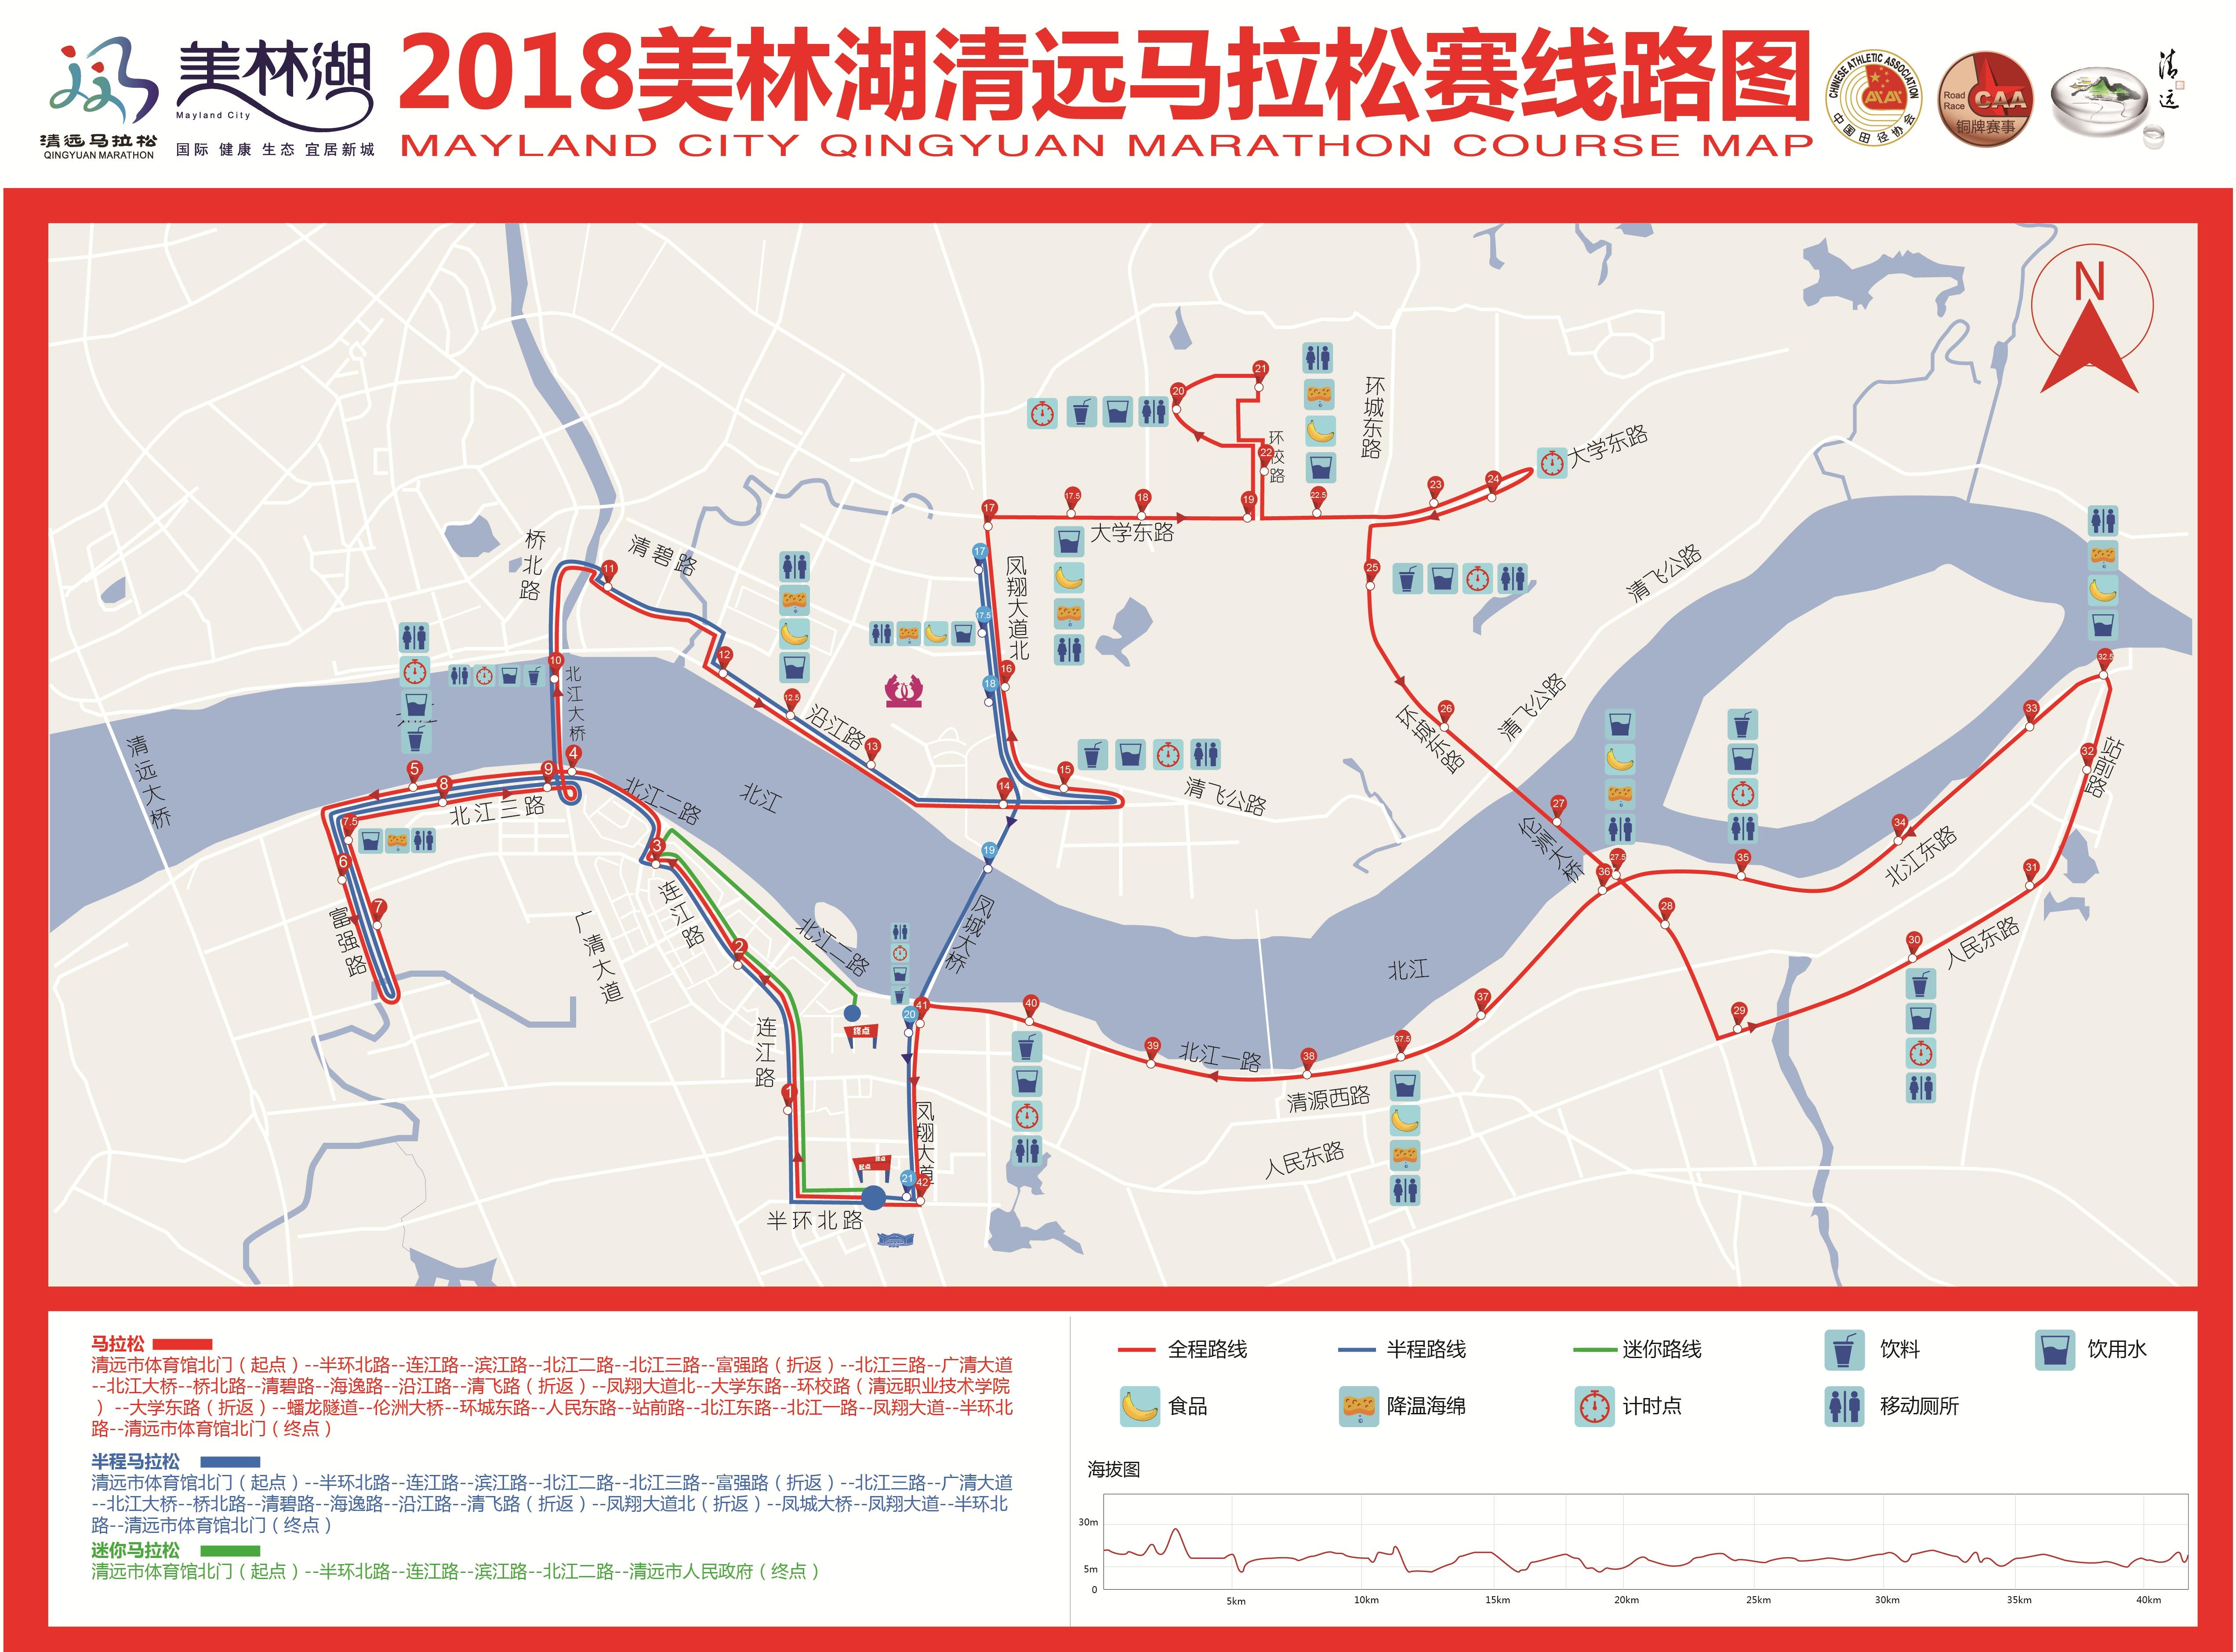 http://img.sport-china.cn/180306105a9dfd46e90d8.jpeg